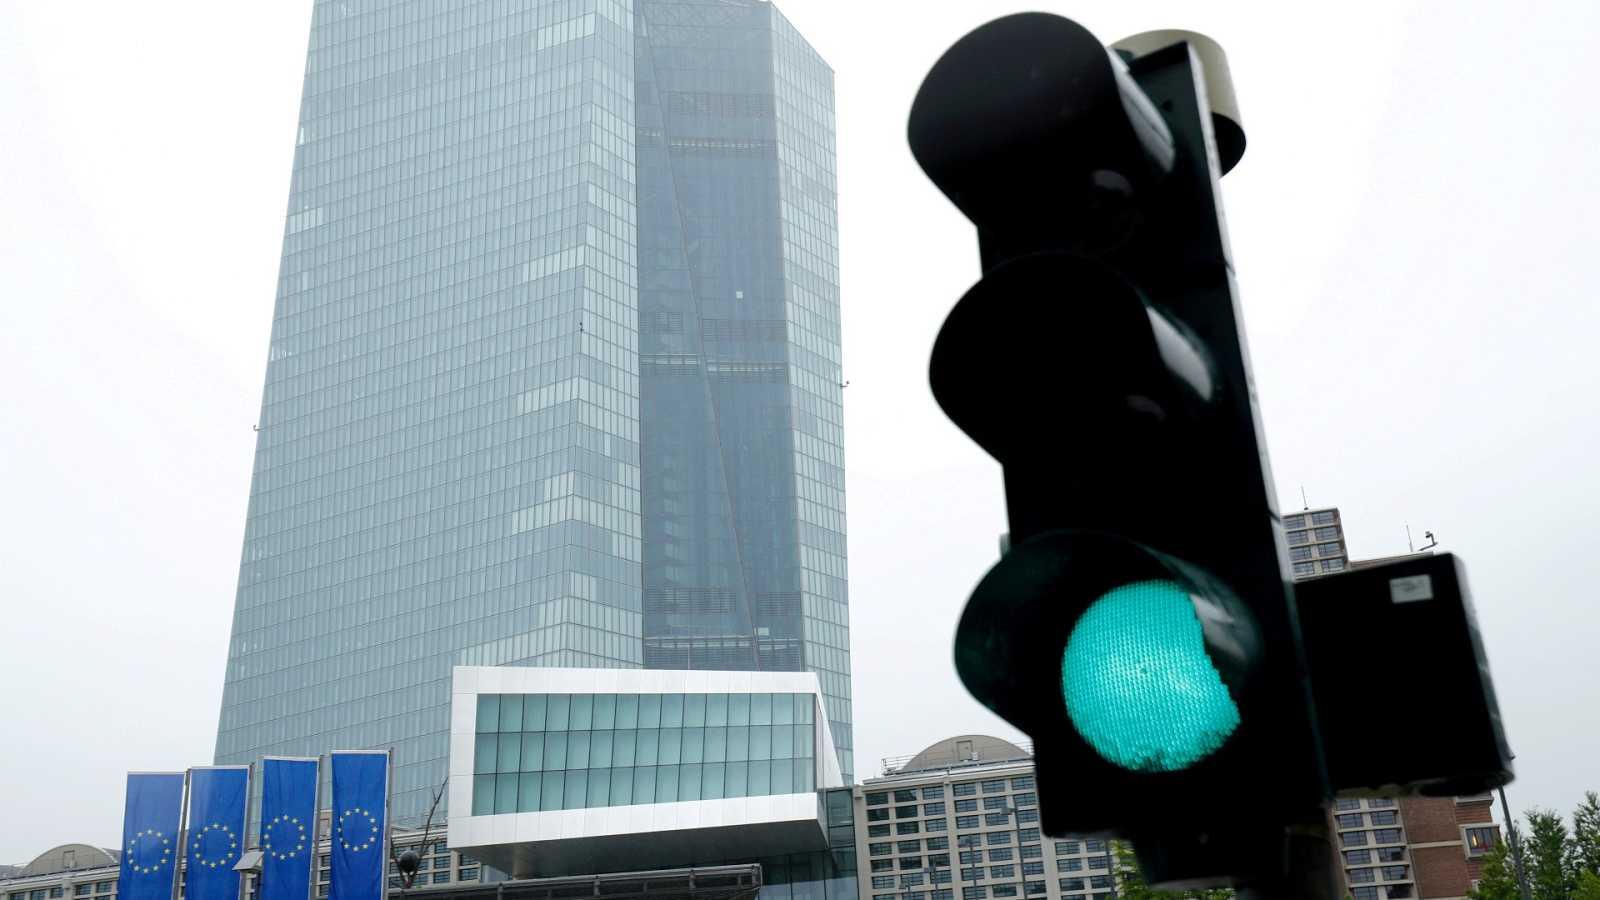 Los principales bancos españoles afrontarían una crisis severa con solvencia